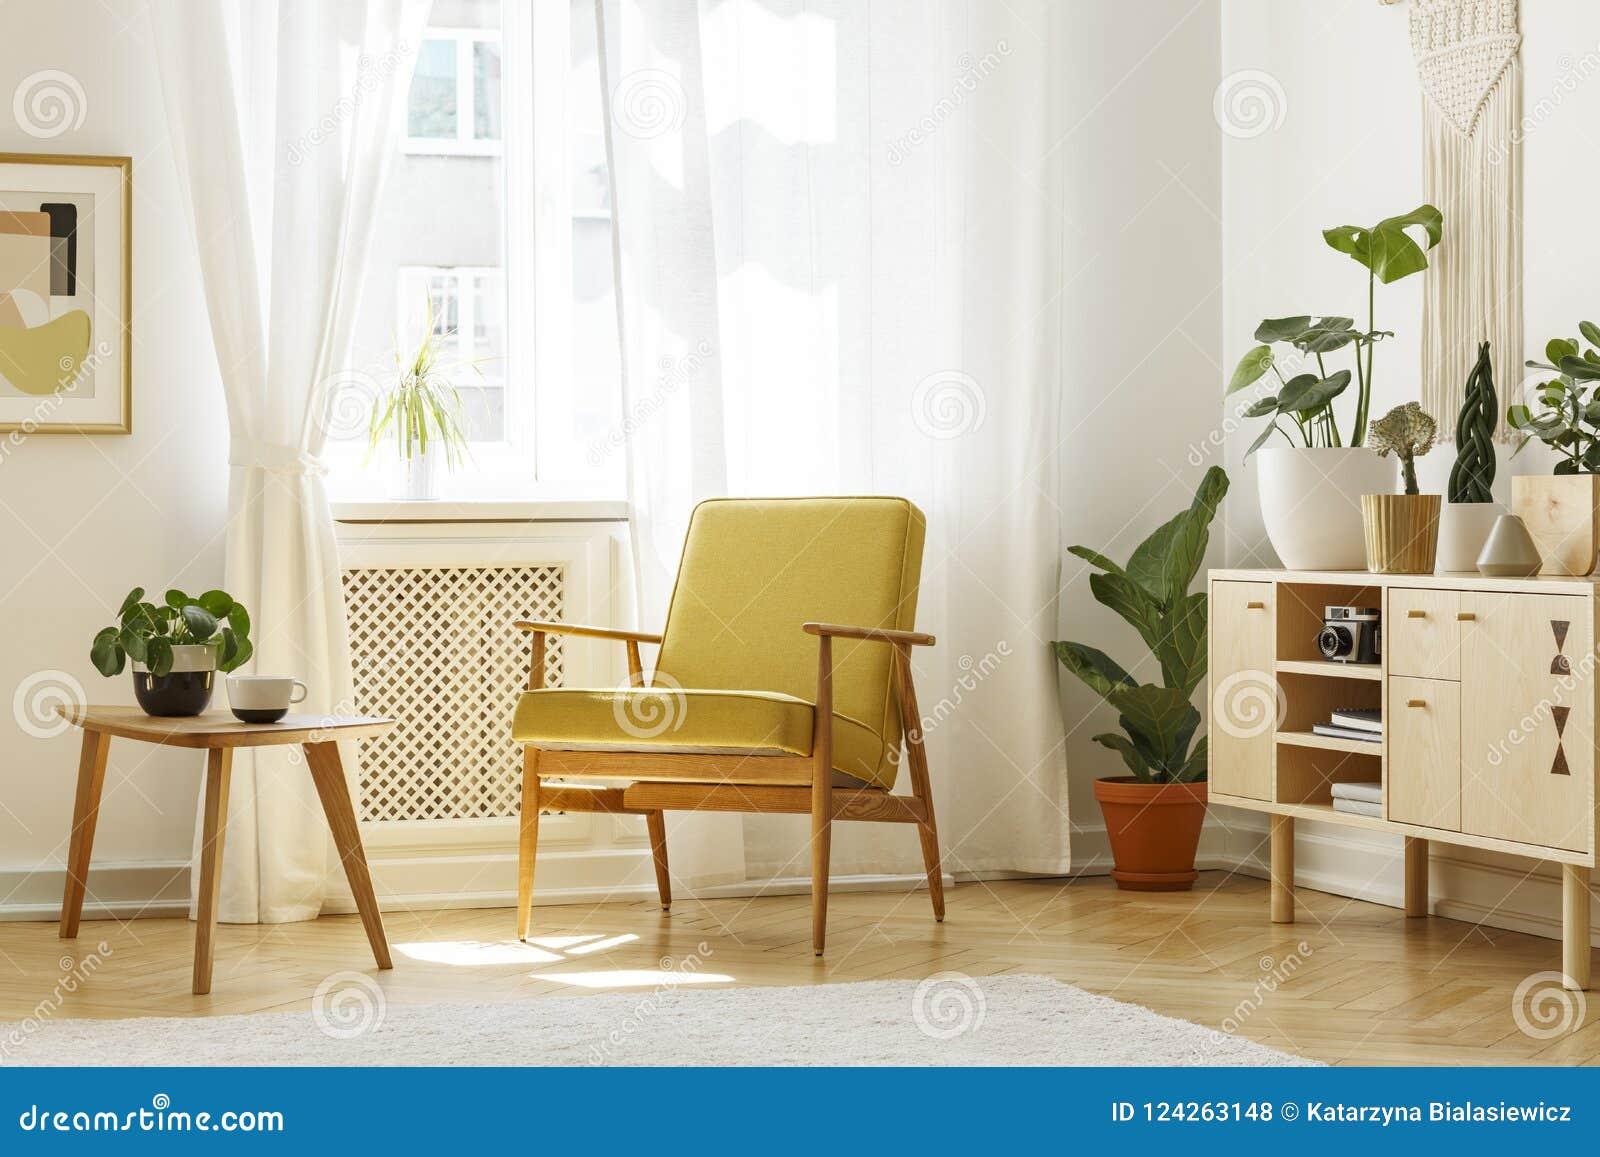 Echte foto van een retro leunstoel, een koffietafel en een kabinet in een Li